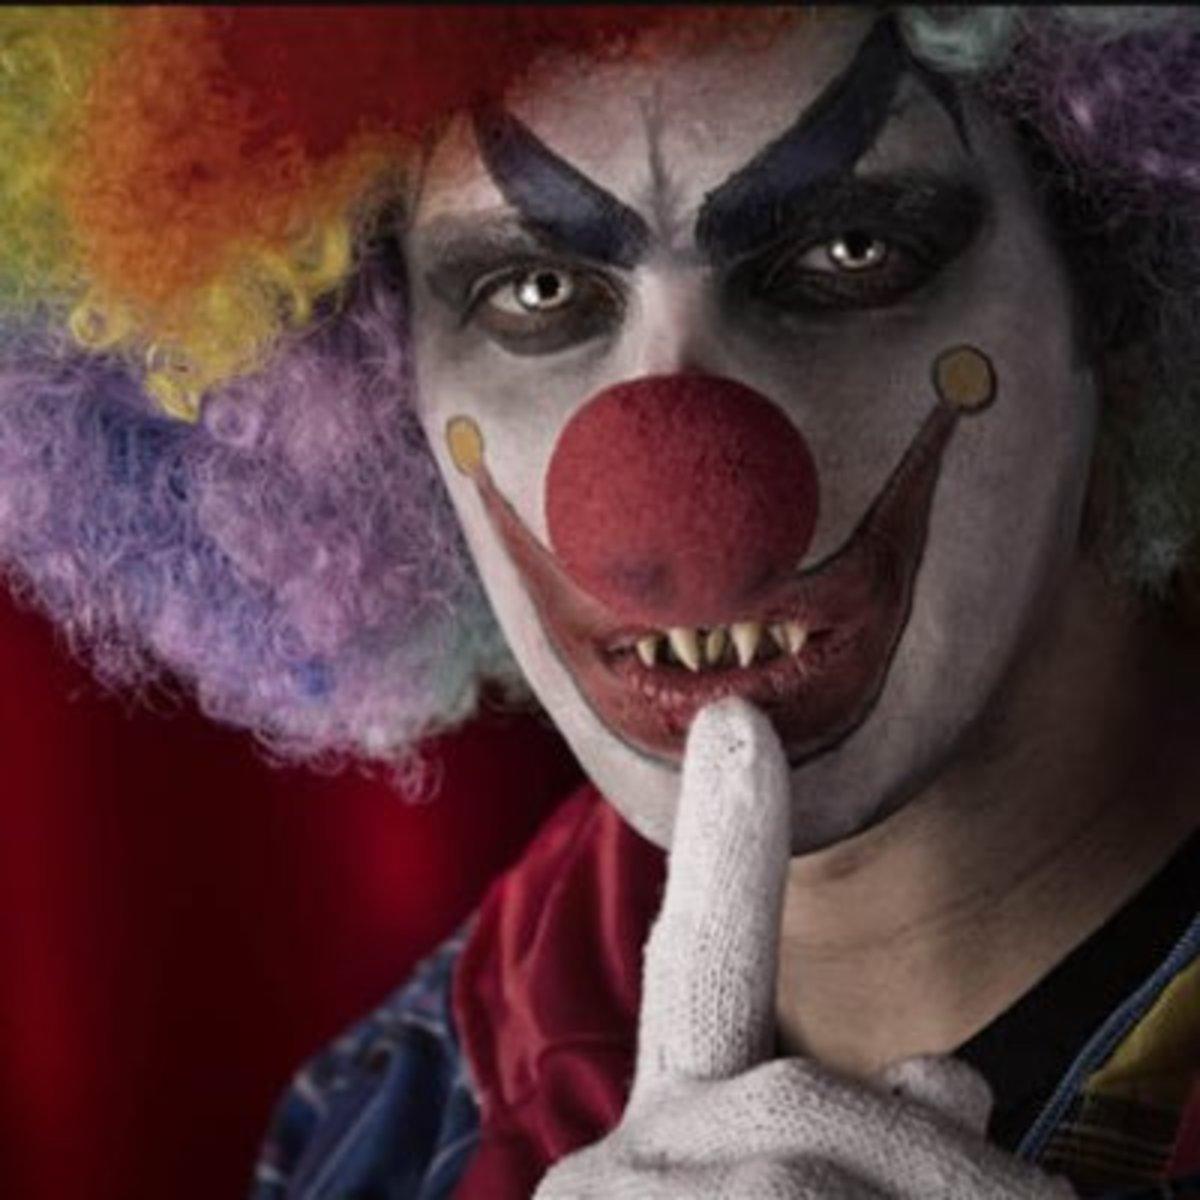 Killer clowns not allowed here   Source